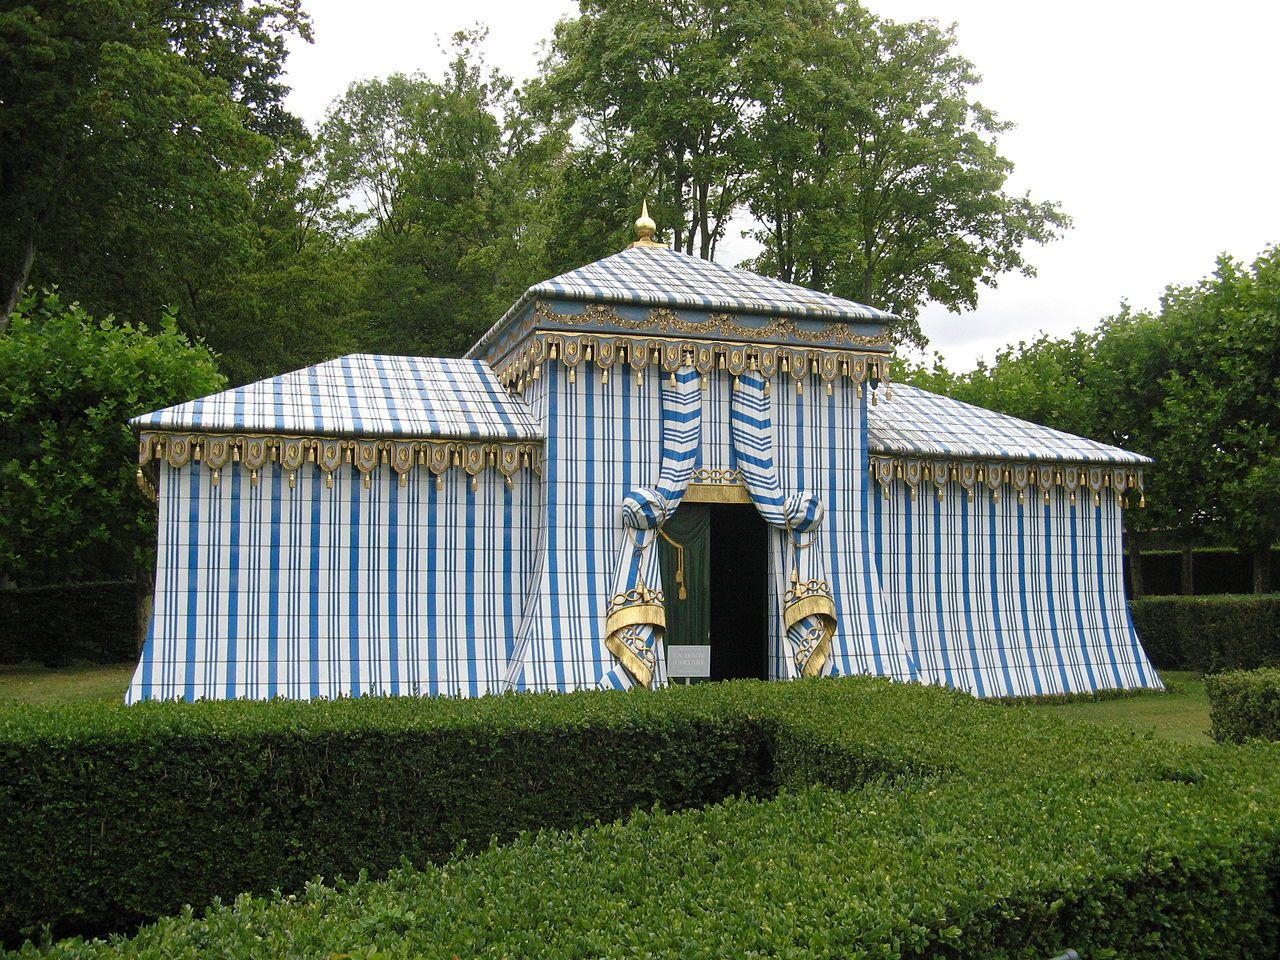 Yvelines Chateau De Groussay Tente Tartare Beaux Jardins Les